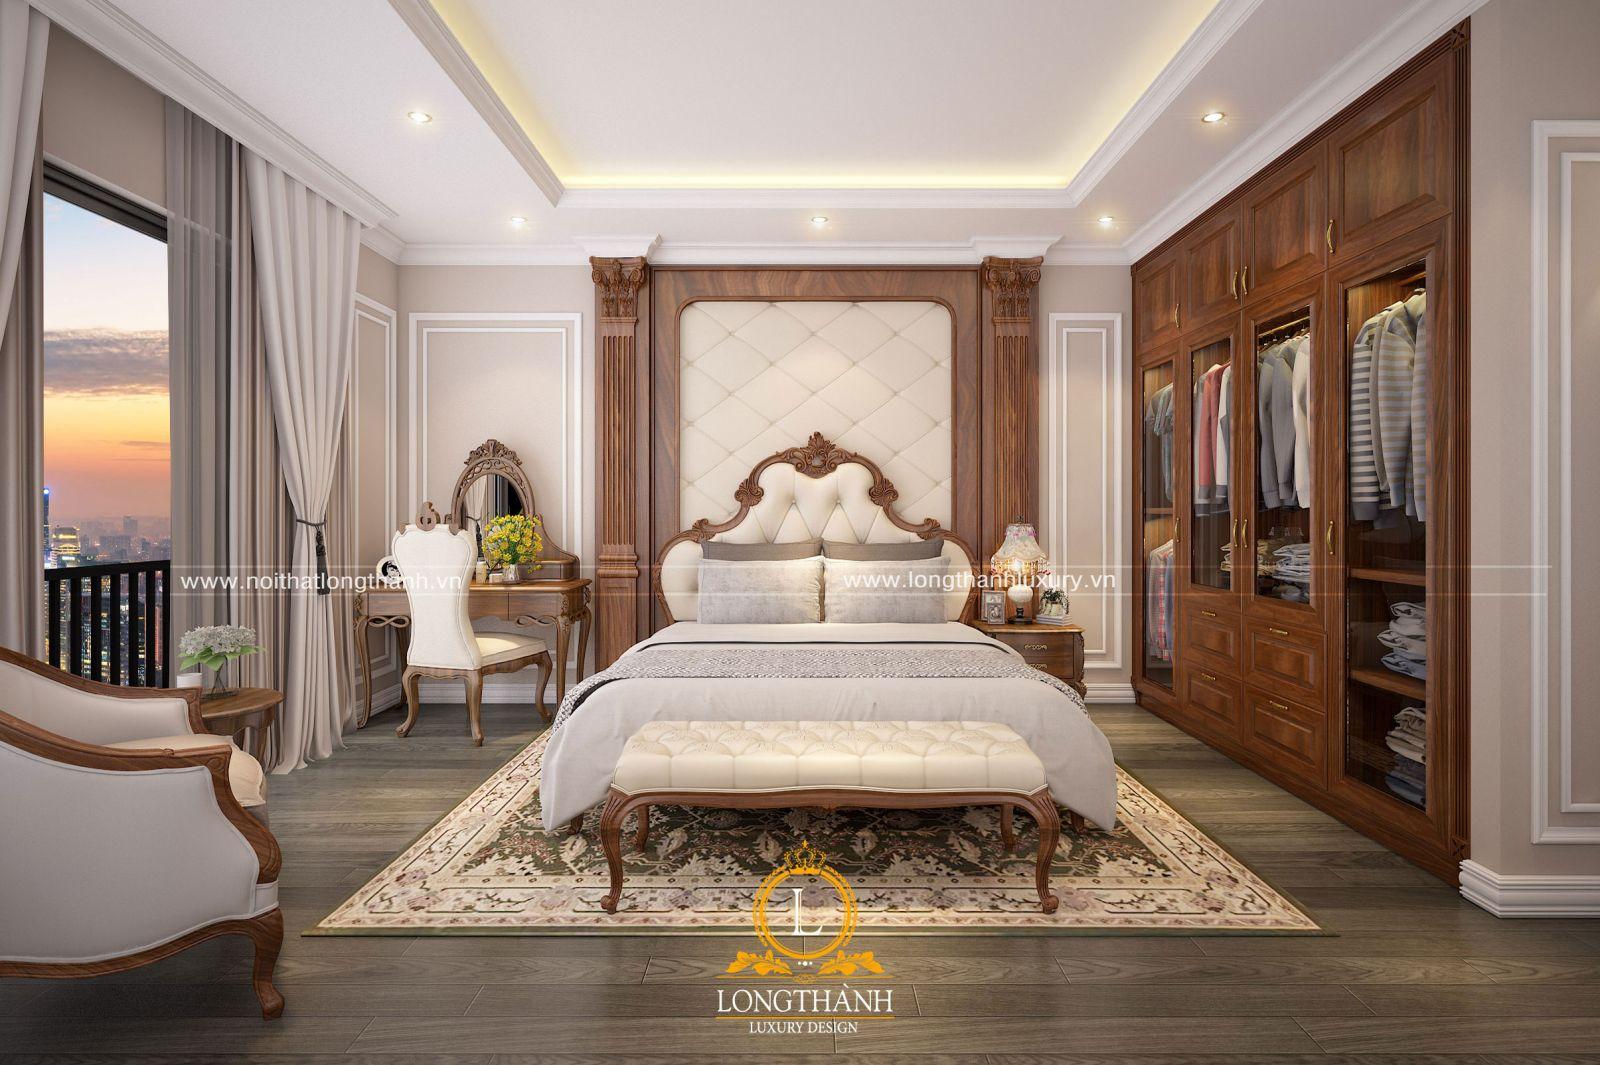 Thiết kế phòng ngủ với cấu trúc mở thông thoáng